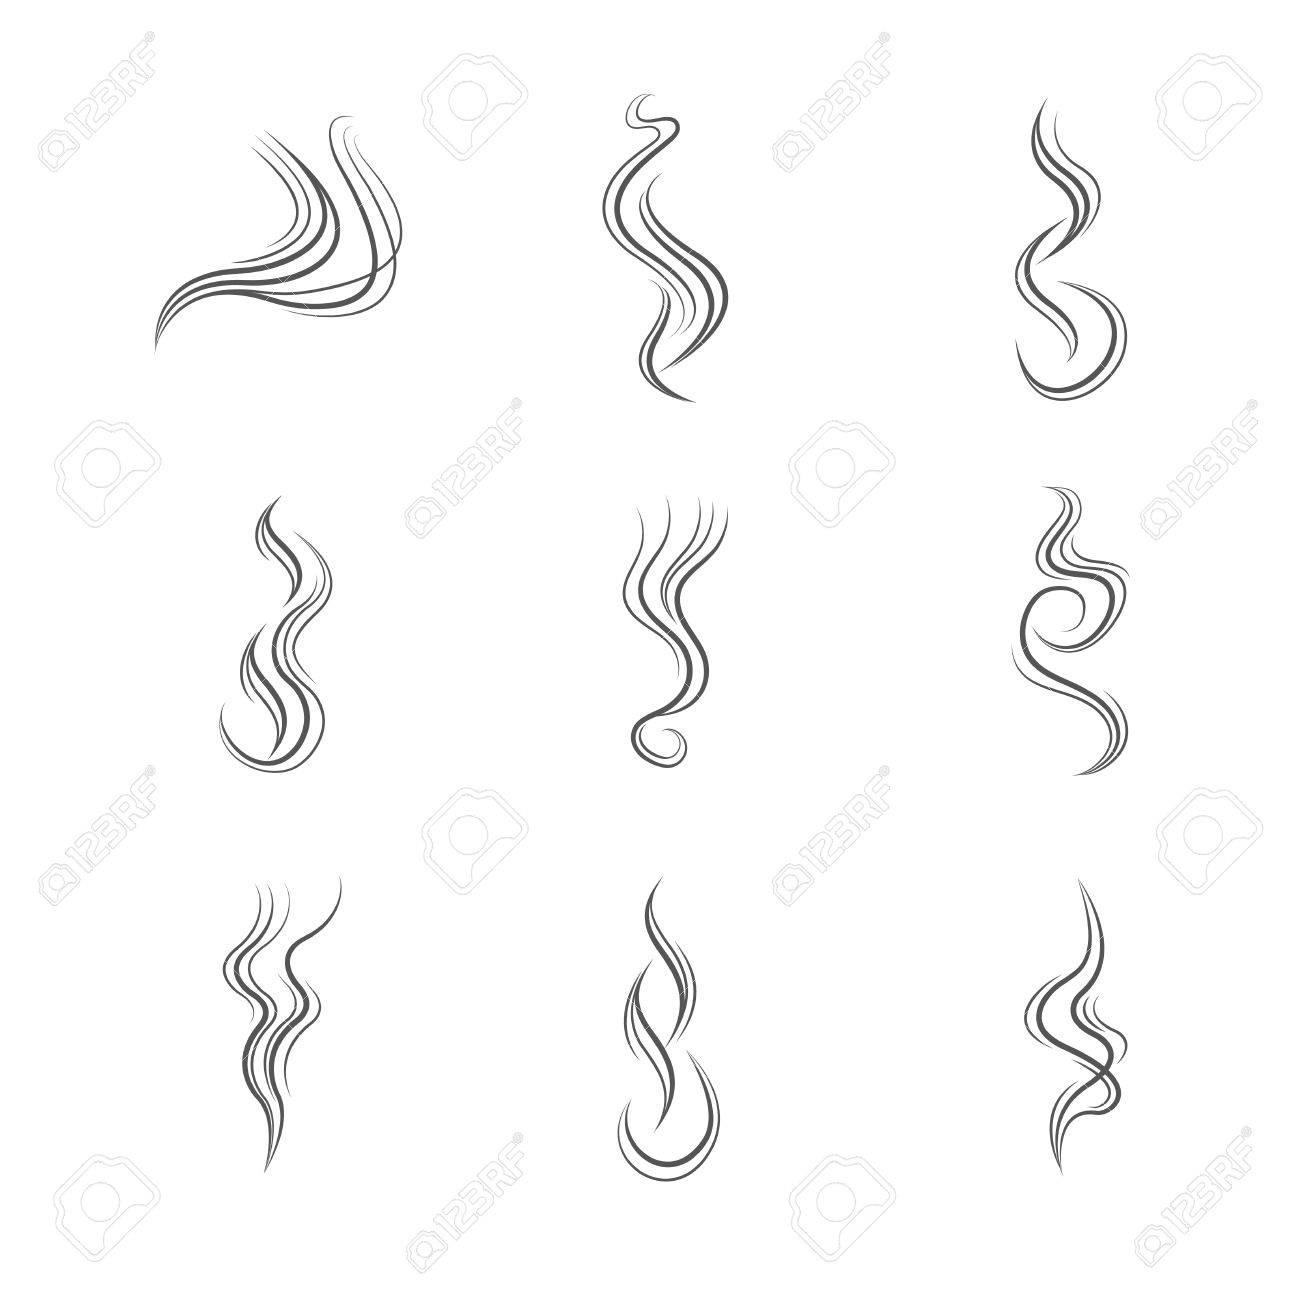 煙の線はベクター セットです。煙が立ち上り、流煙、煙の抽象化の